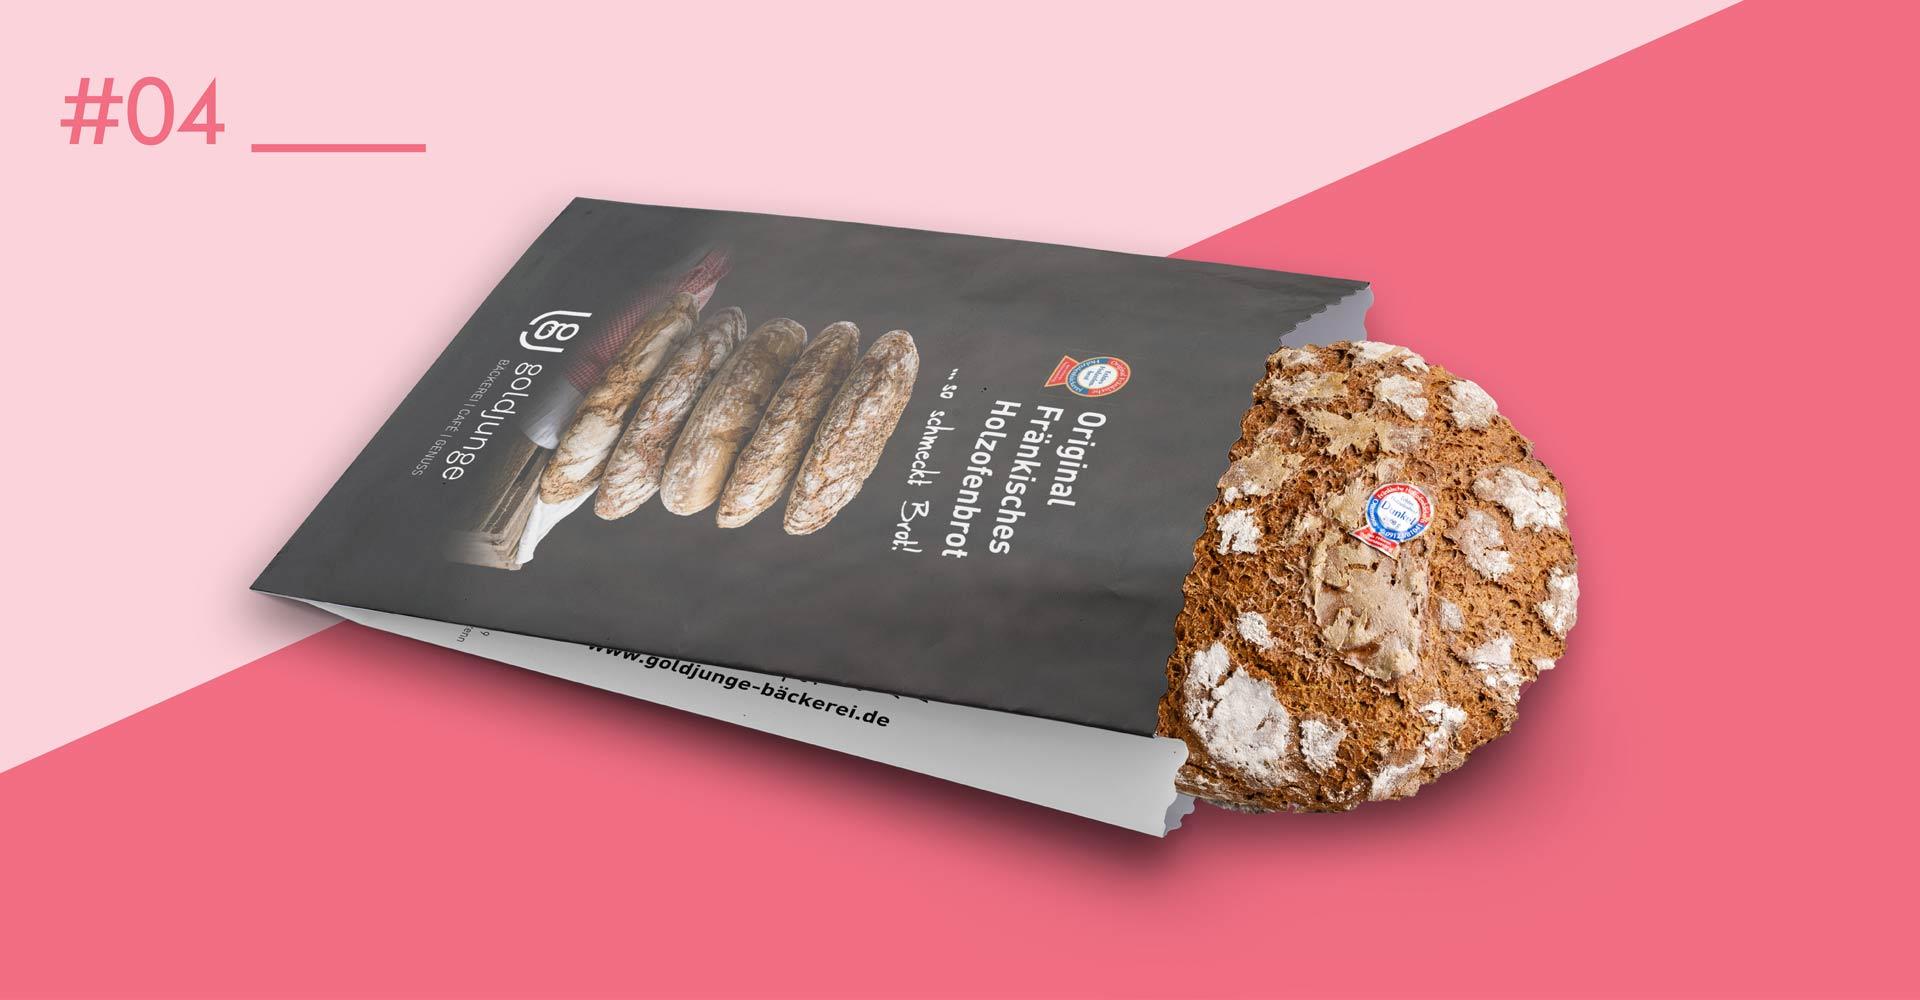 OPUS Marketing / Food & Beverage / Packaging